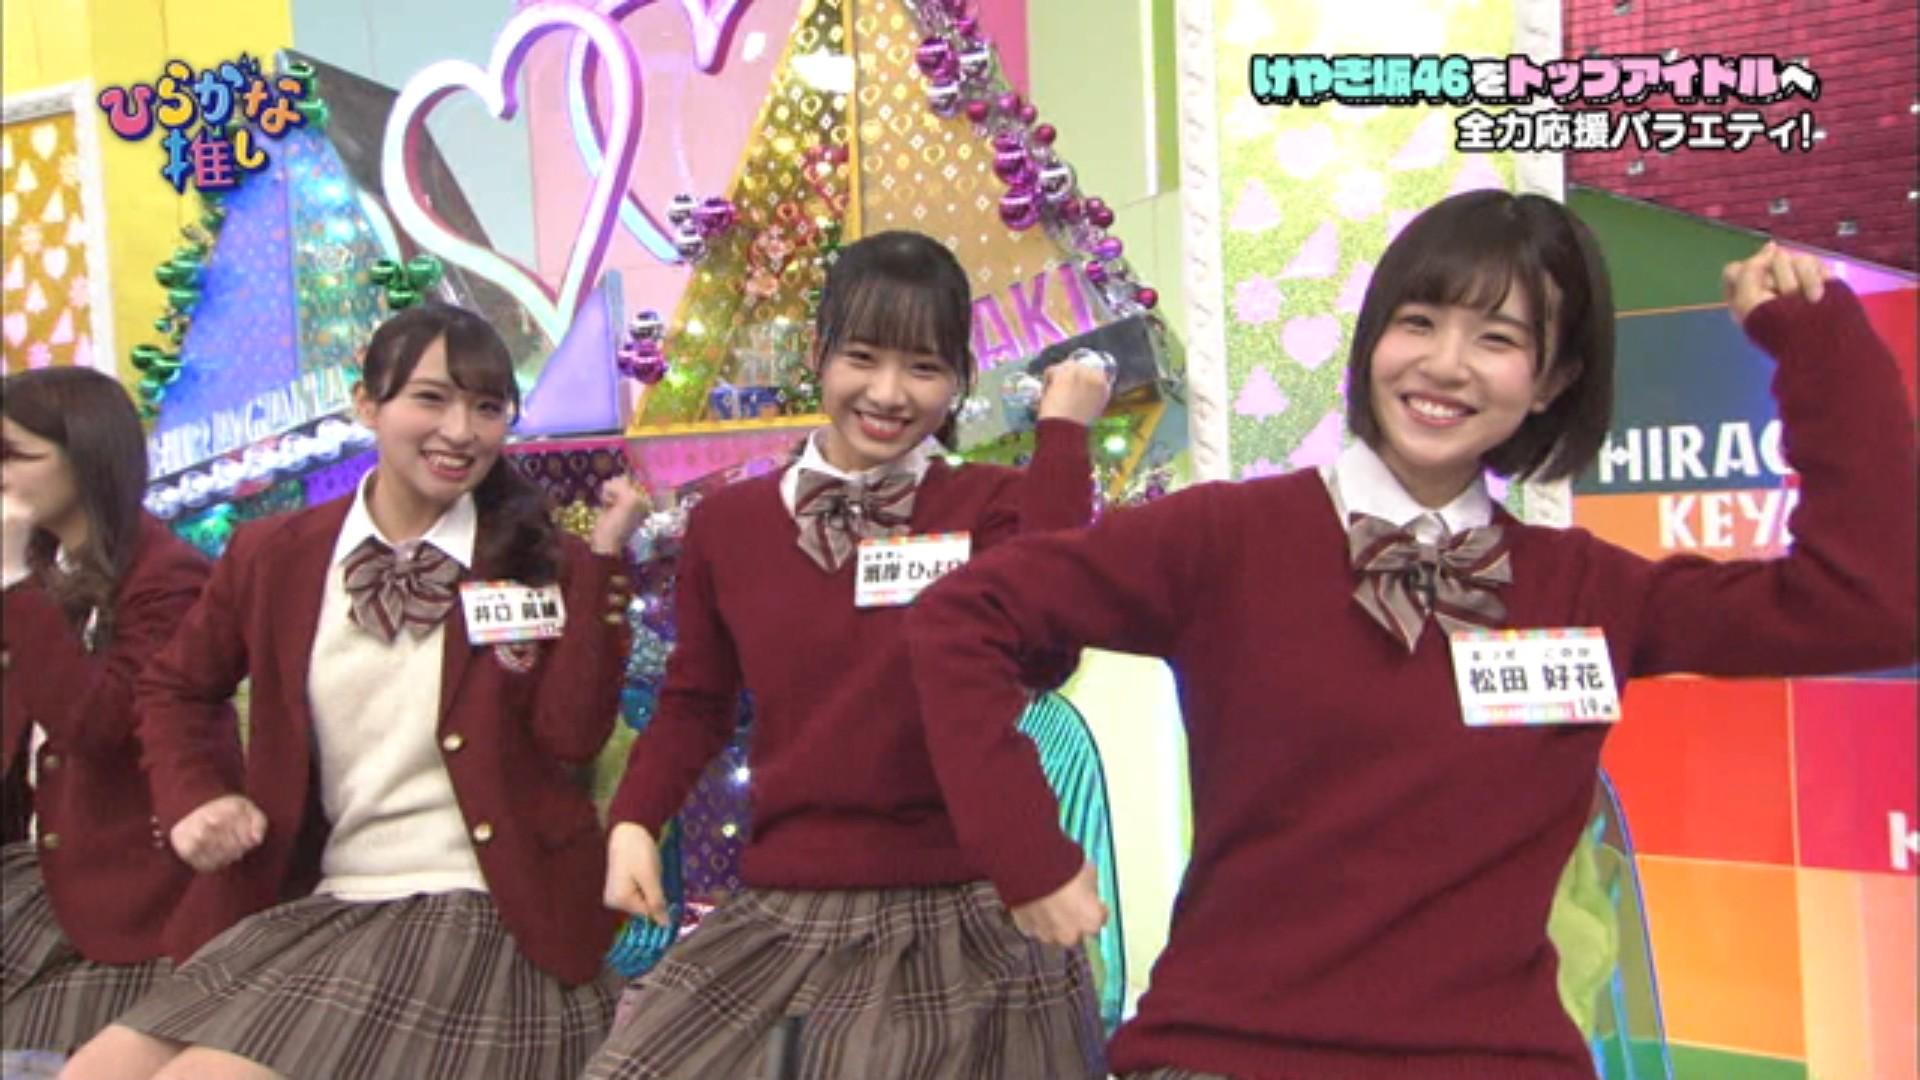 日向坂46メンバーブログまとめ2019年2月13日